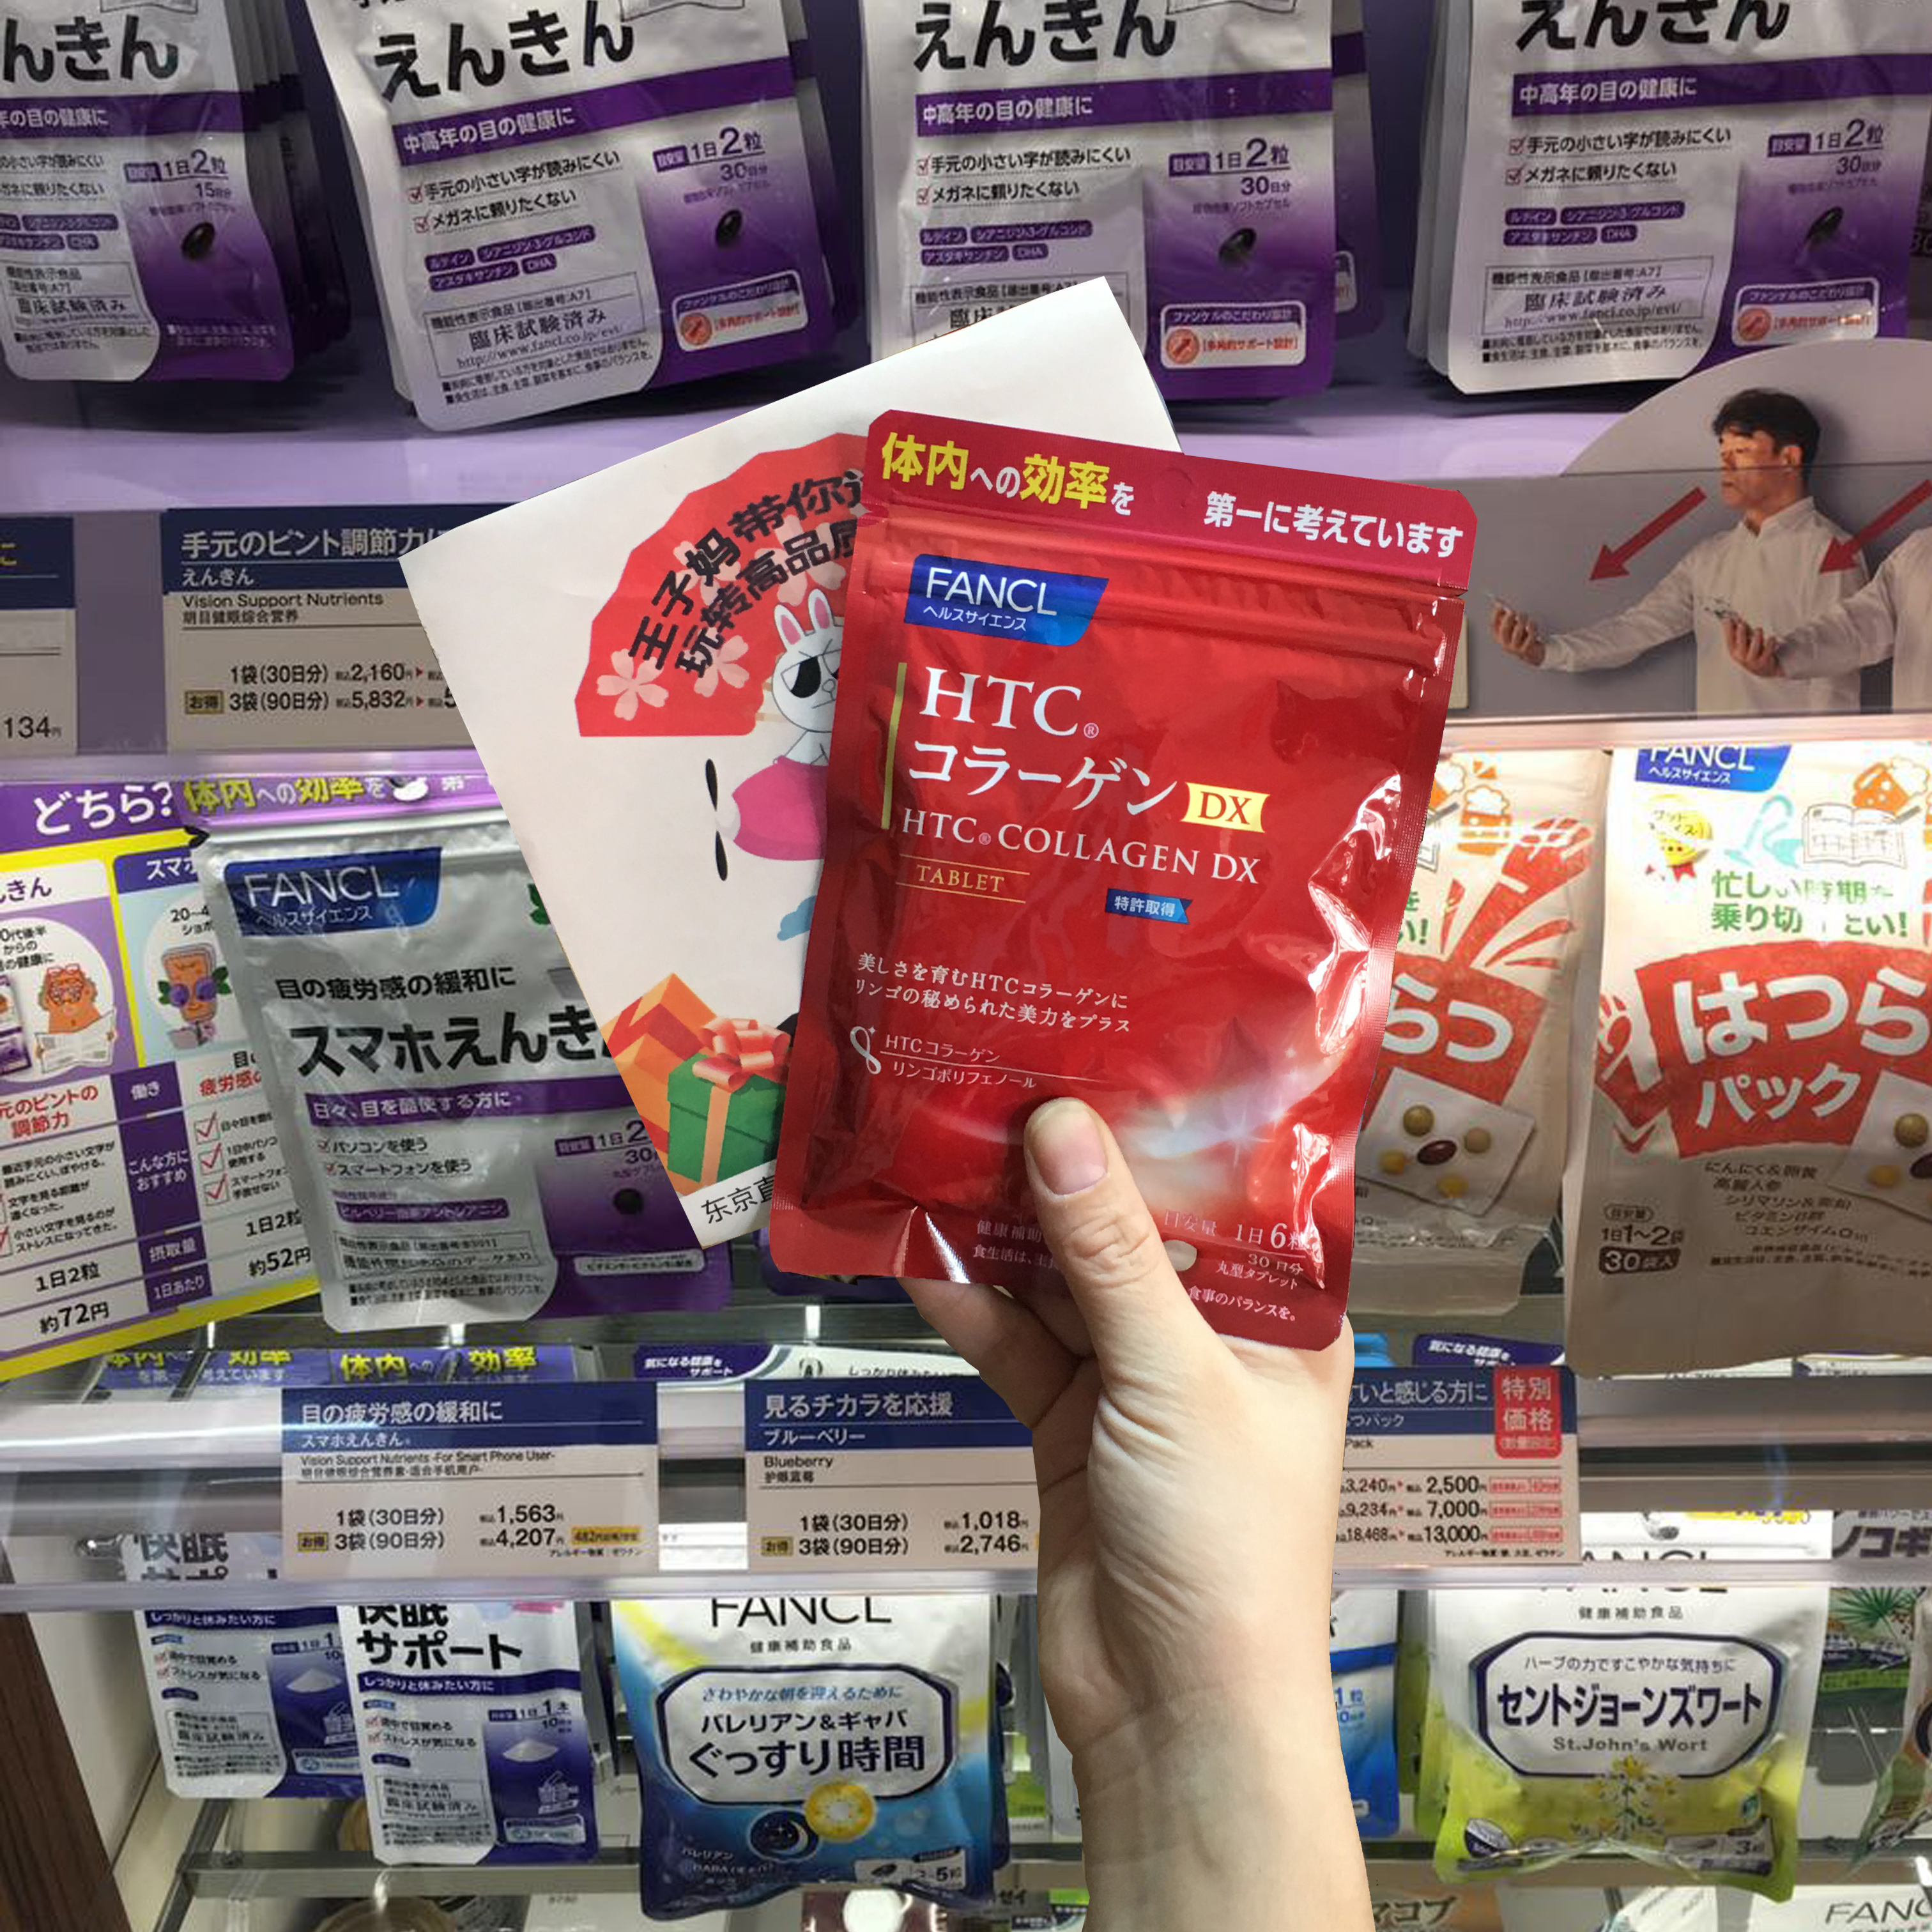 圆素 日本FANCL美肌胶原蛋白片 颗粒30日180粒DX增强版 新包装